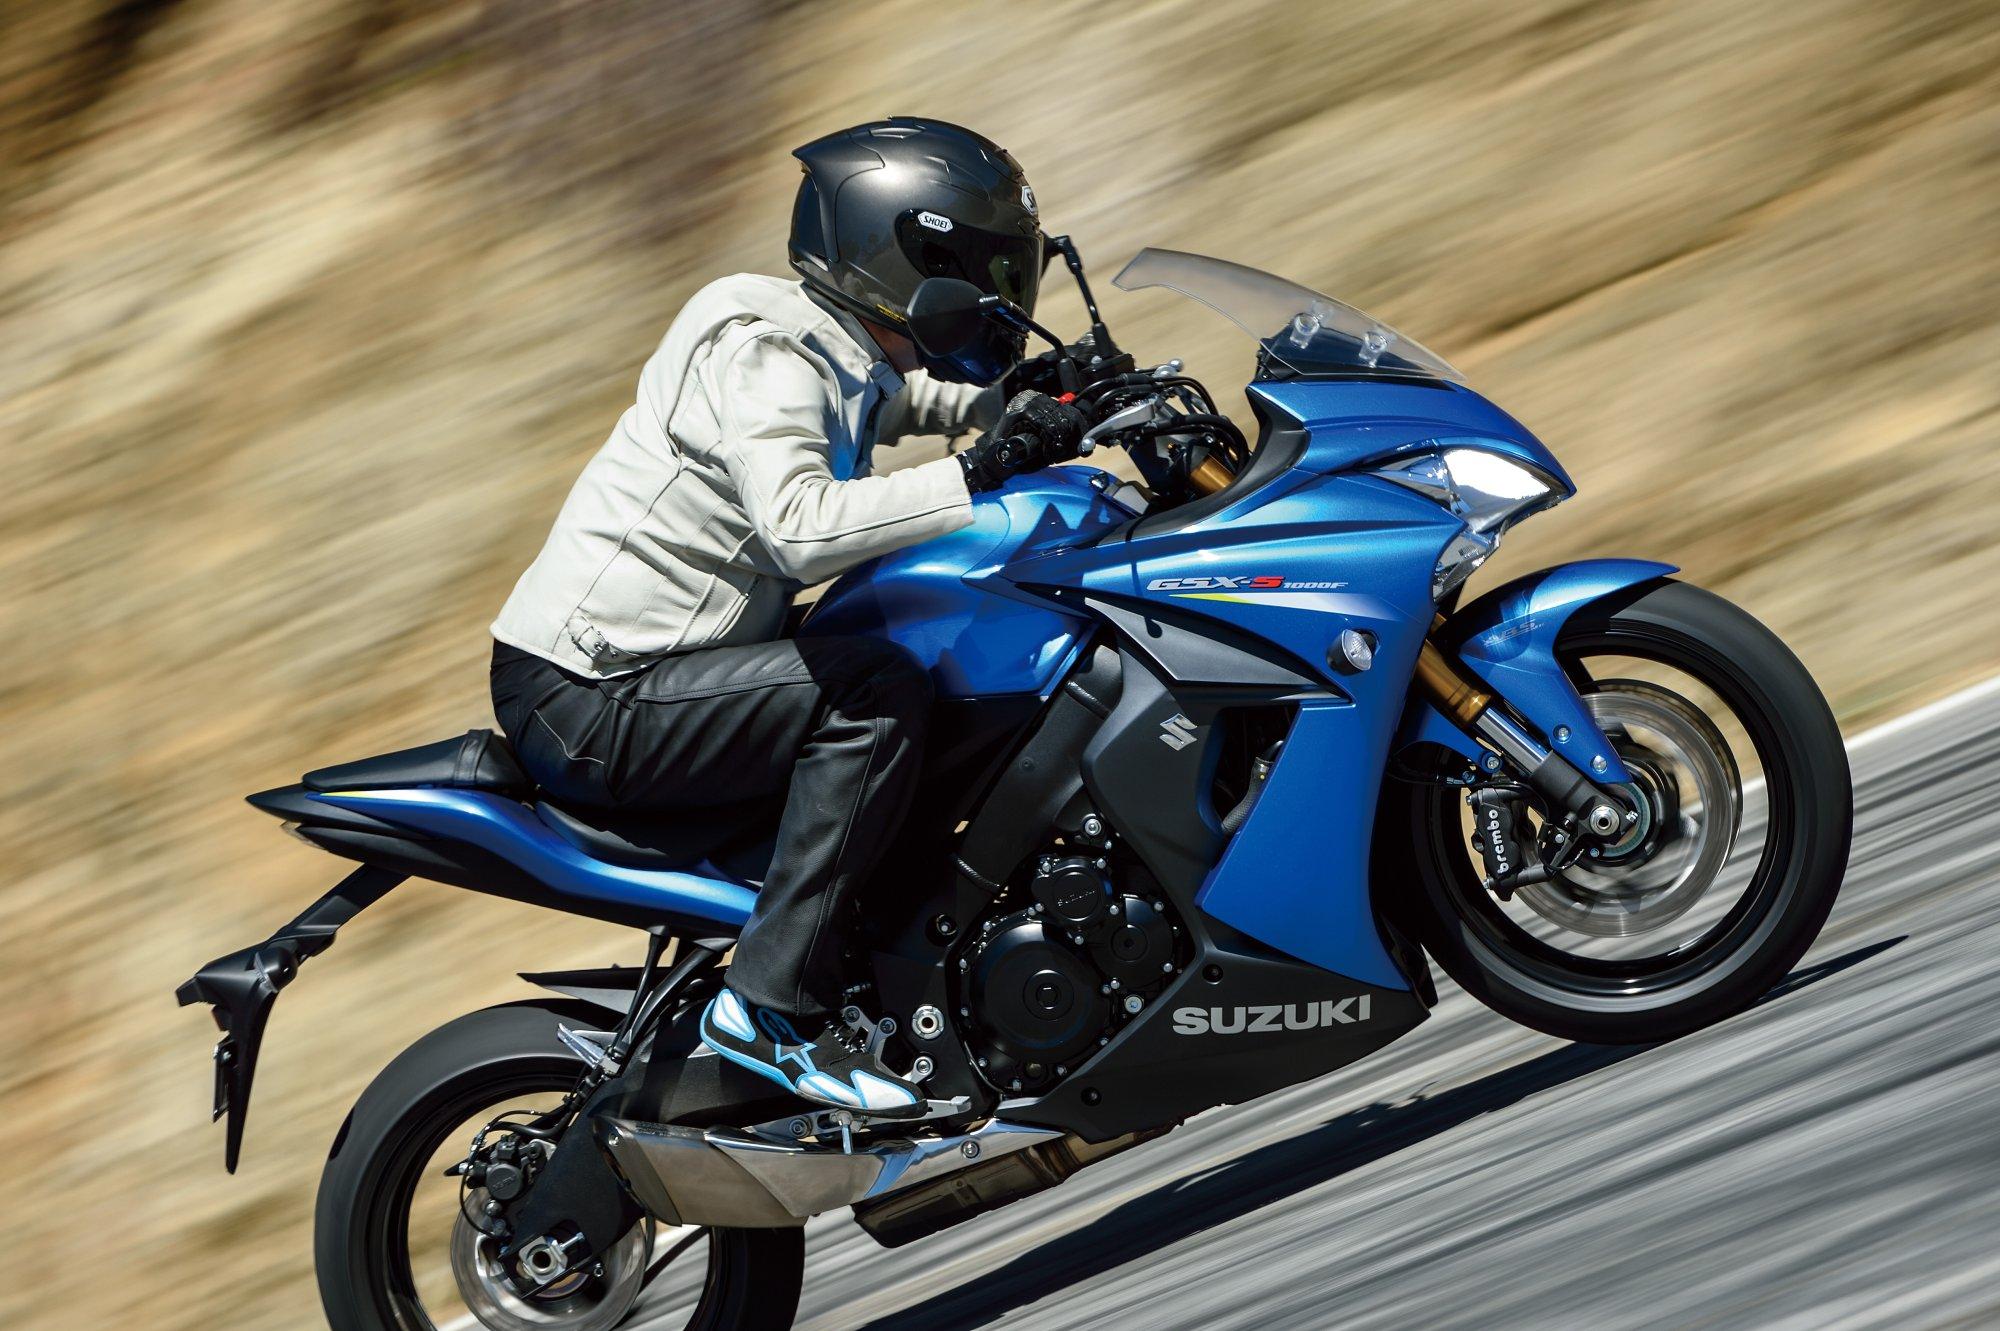 Suzuki Gladius Vs Sv